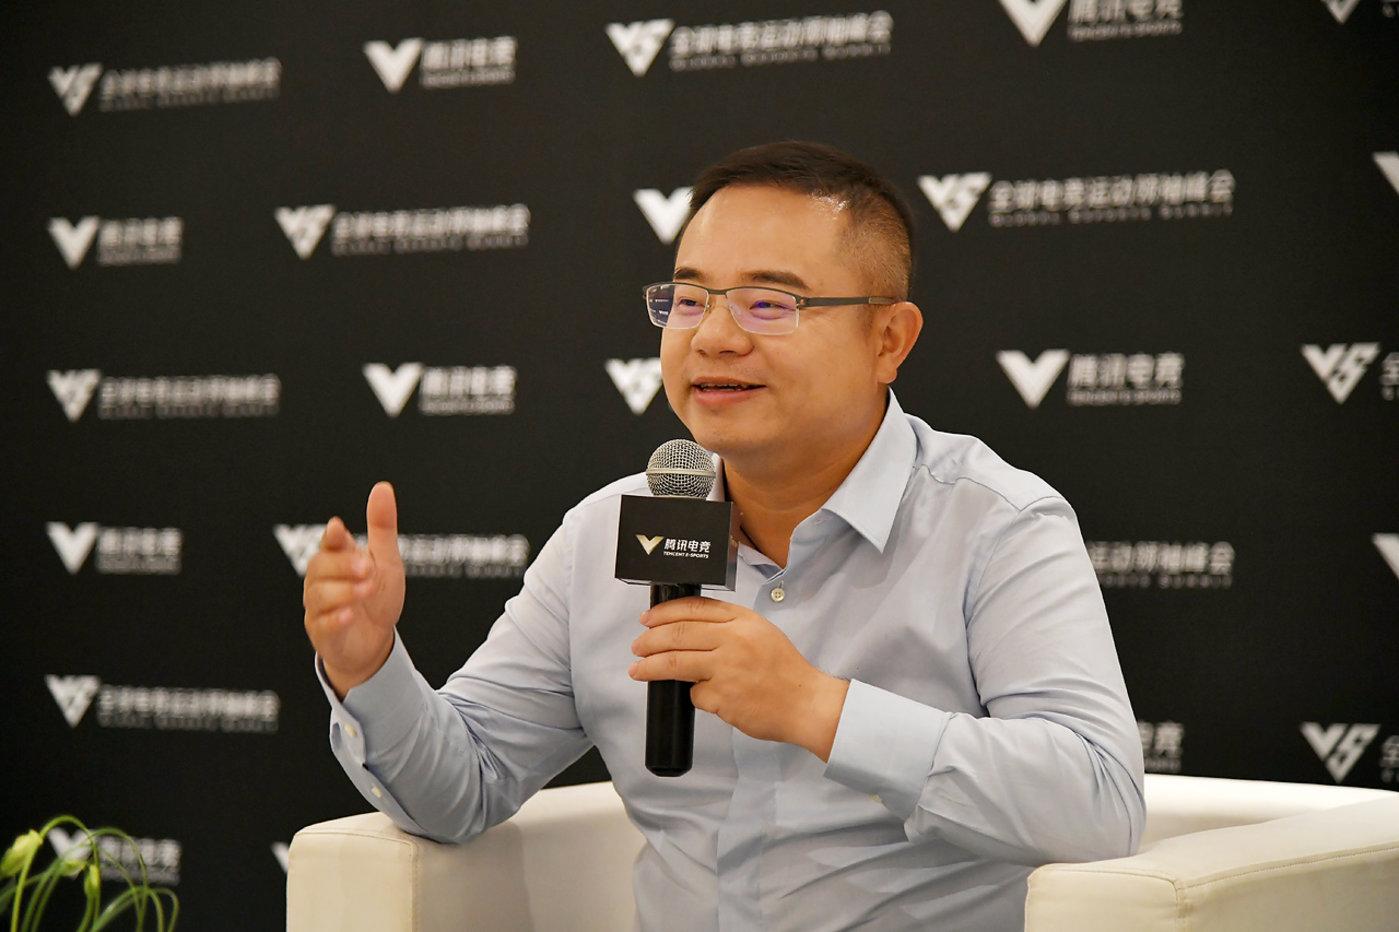 腾讯游戏副总裁、腾讯电竞业务负责人侯淼